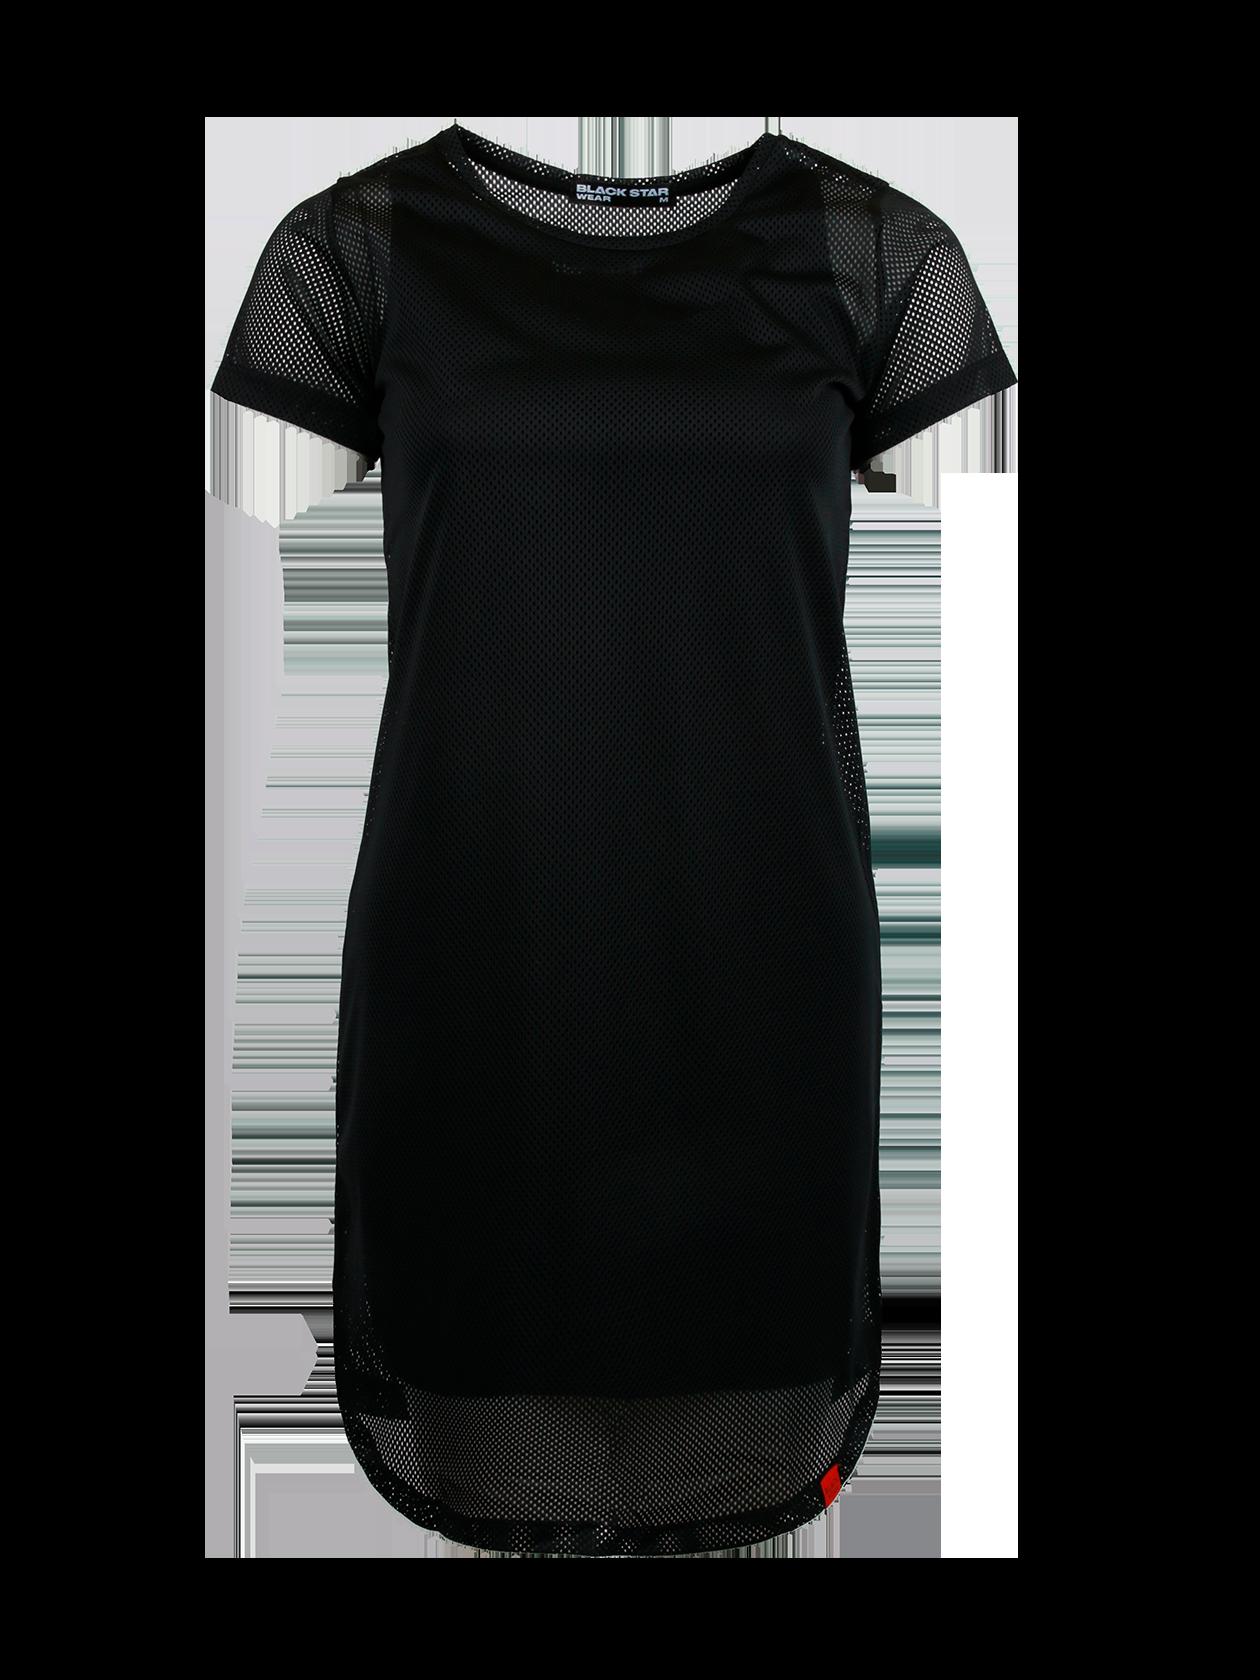 Платье женское MERMAIDПлатье женское Mermaid – оригинальная вещь от популярного бренда Black Star. Модель прямого свободного кроя с округленной формой низа и небольшим рукавом. Неглубокая горловина содержит эмблему с логотипом BSW на внутренней стороне. Изделие выполнено полностью из перфорированного материала высокого качества, представлено в черной расцветке. Внутри имеется подкладка, открывающая рукава и нижнюю часть платья. Идеально подходит для создания стиля на каждый день, комбинируется с любой обувью.<br><br>Размер: M<br>Цвет: Черный<br>Пол: Женский